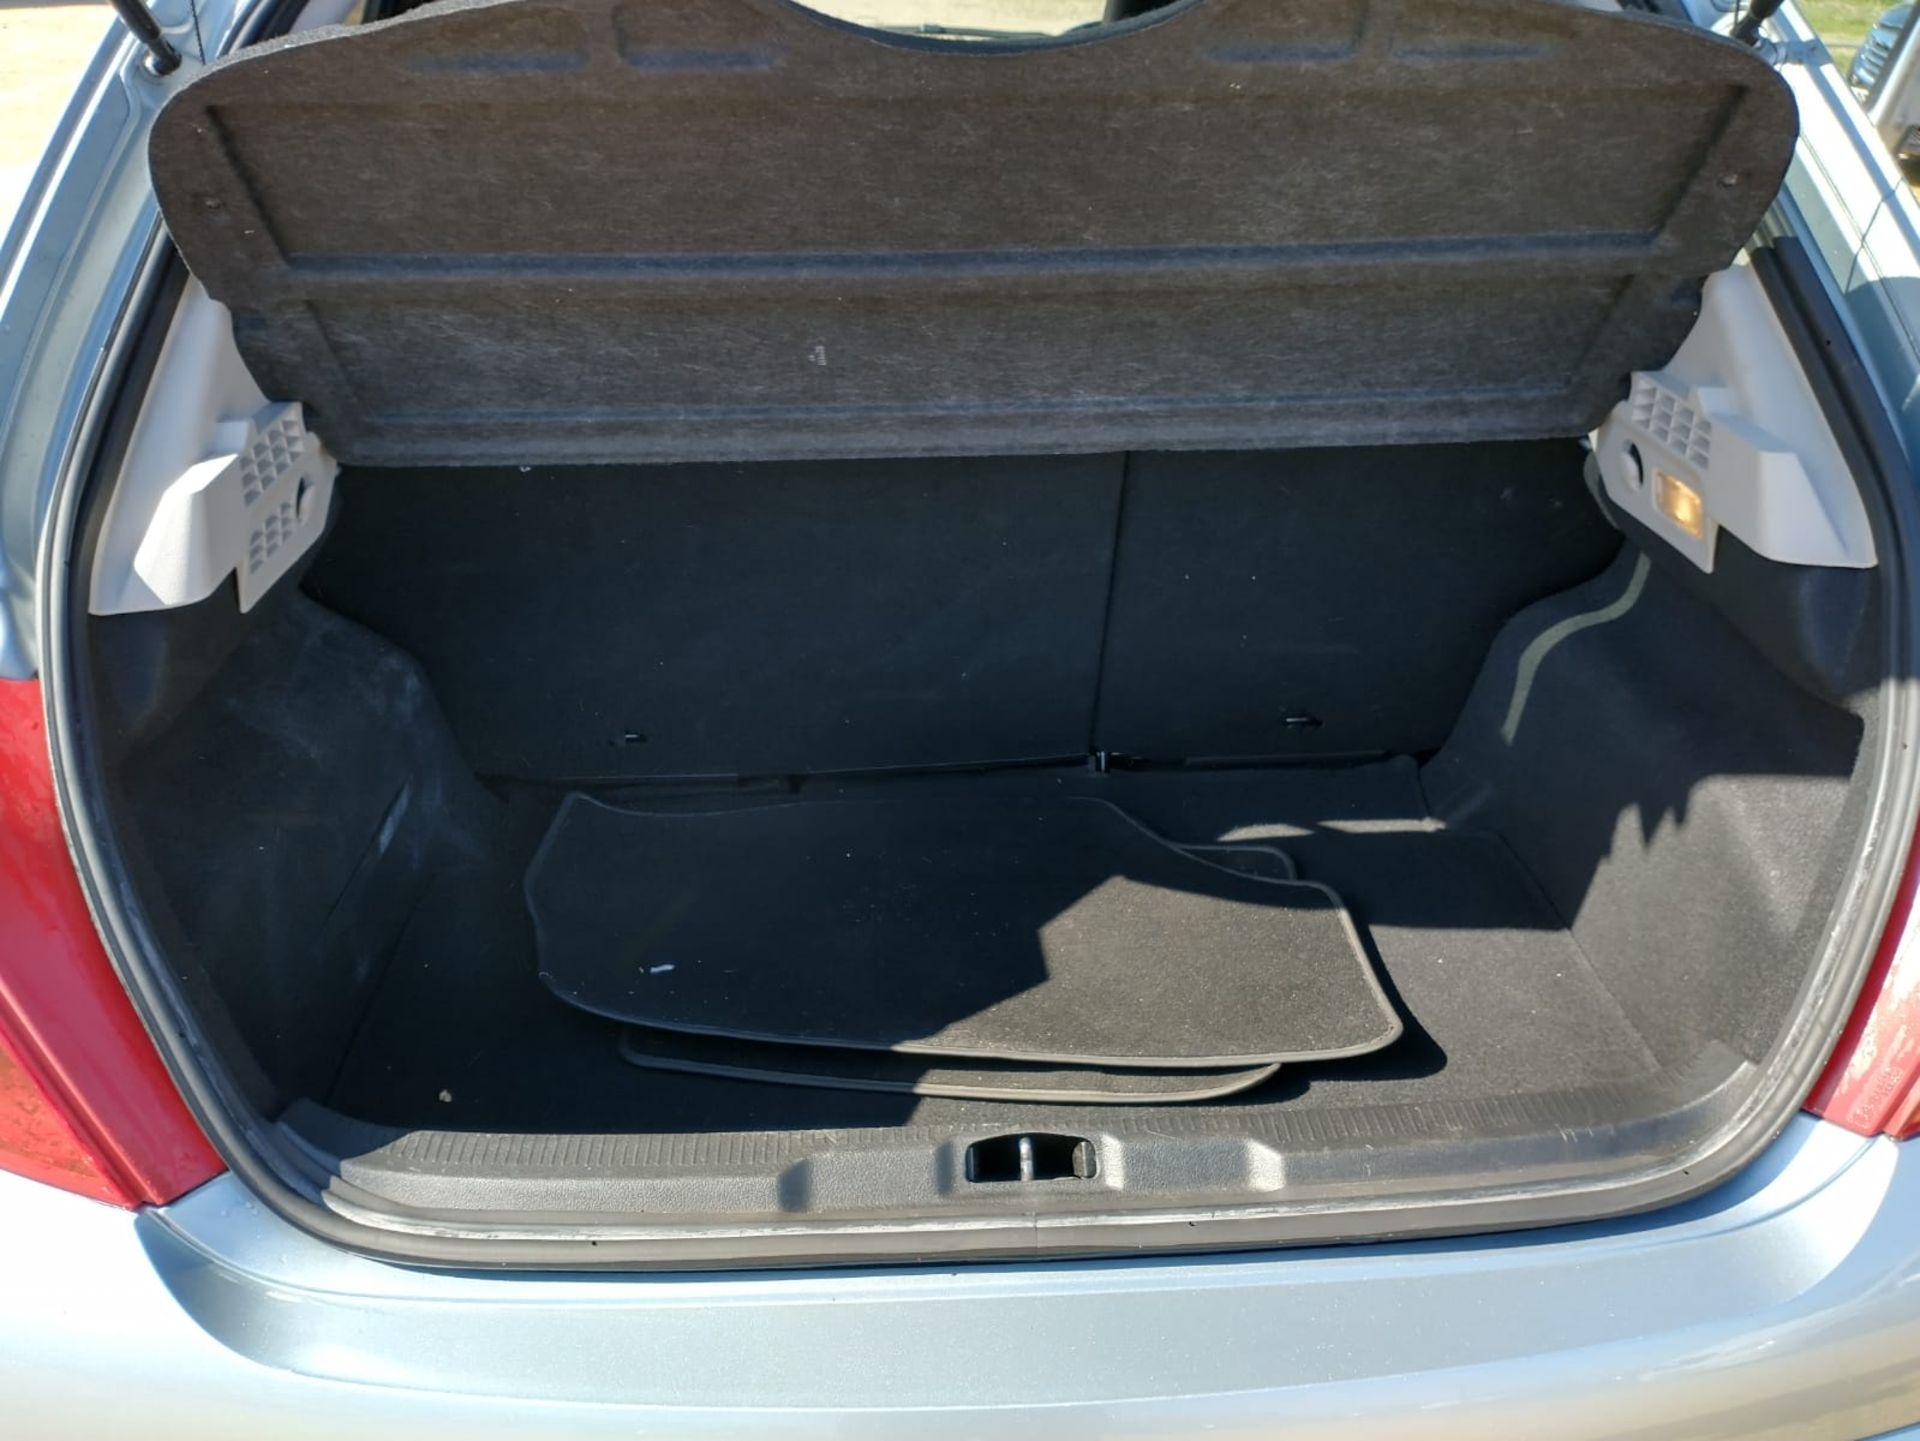 2012 Peugeot 207 Allure 1.6 5DR Hatchback - Image 13 of 16